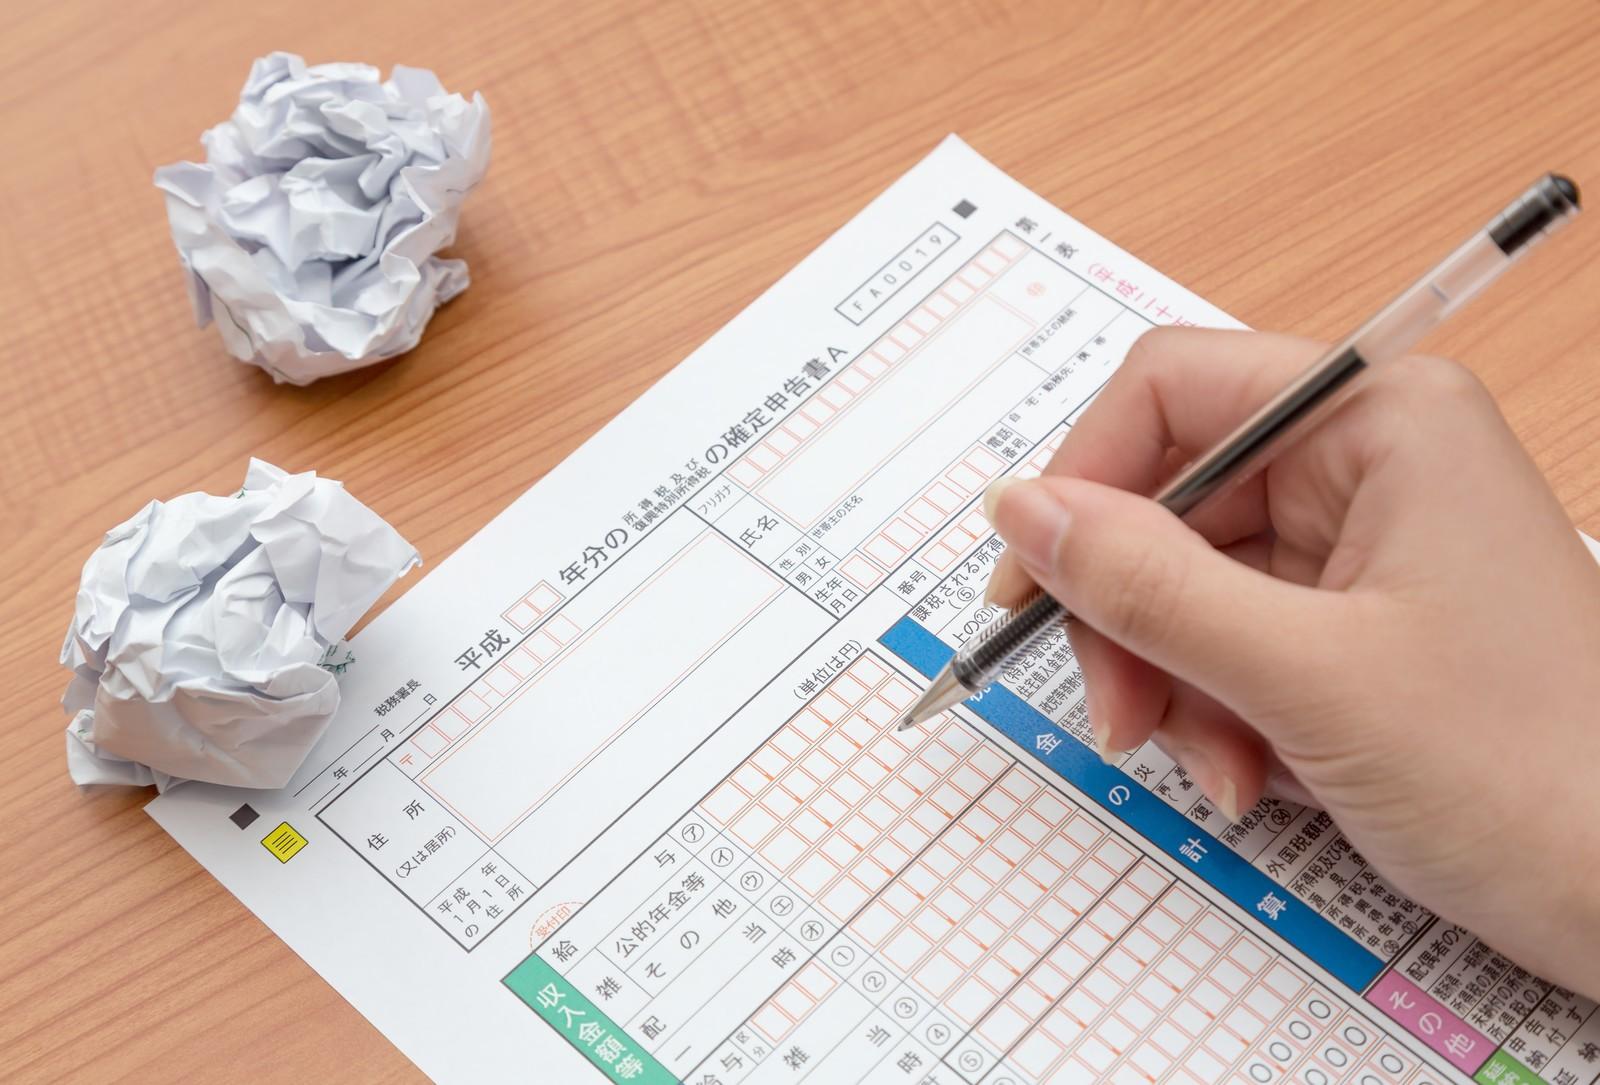 みなし配当の仕組みや計算方法、配当控除や確定申告の書き方は?